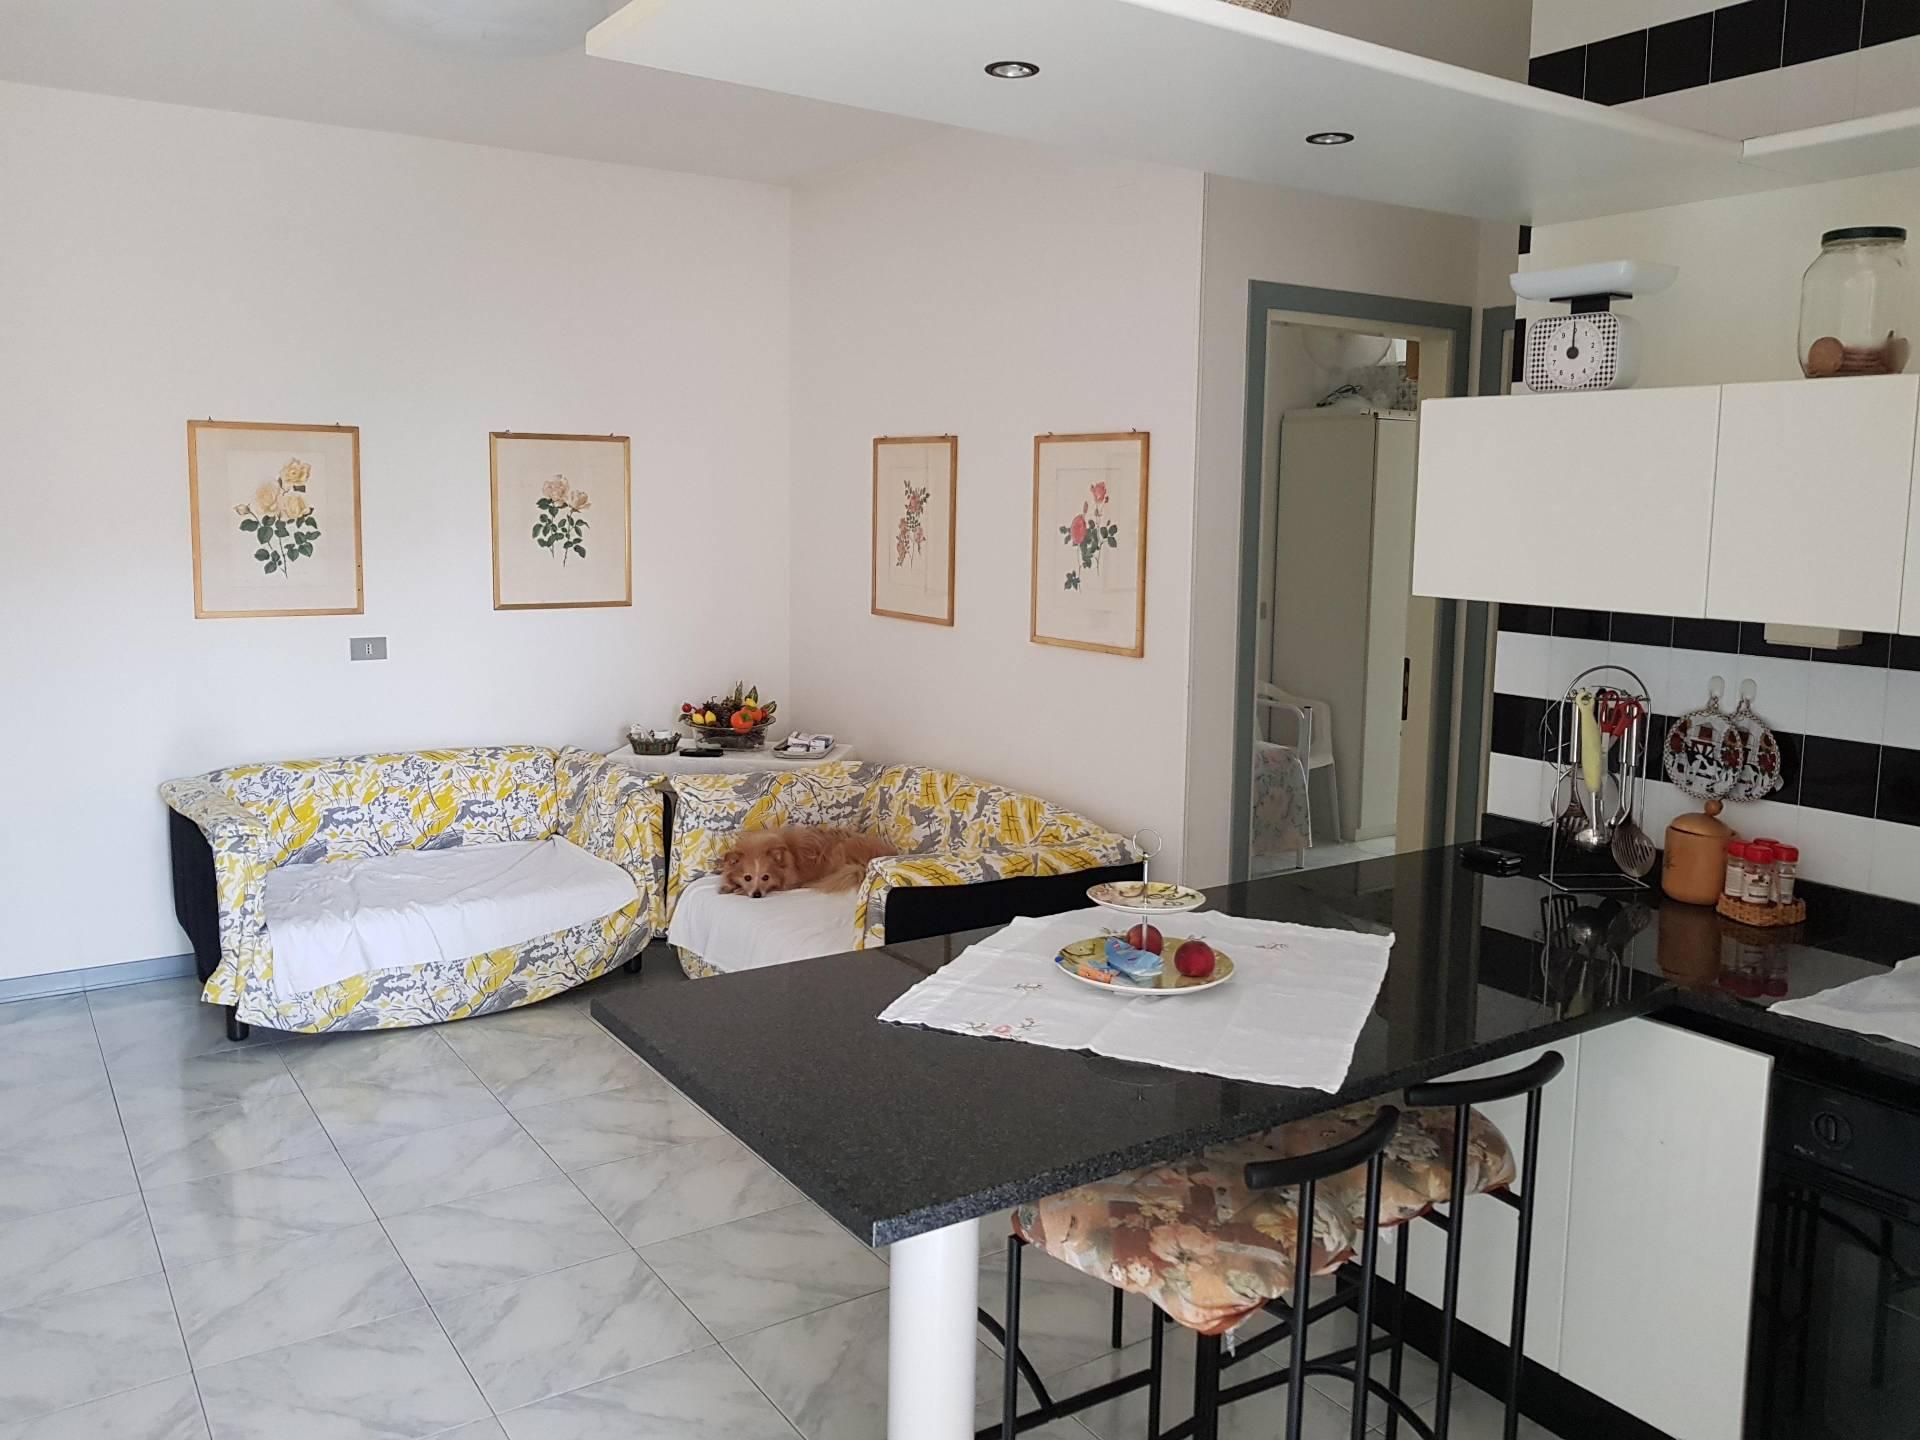 Appartamento in vendita a Martinsicuro, 3 locali, prezzo € 80.000 | CambioCasa.it